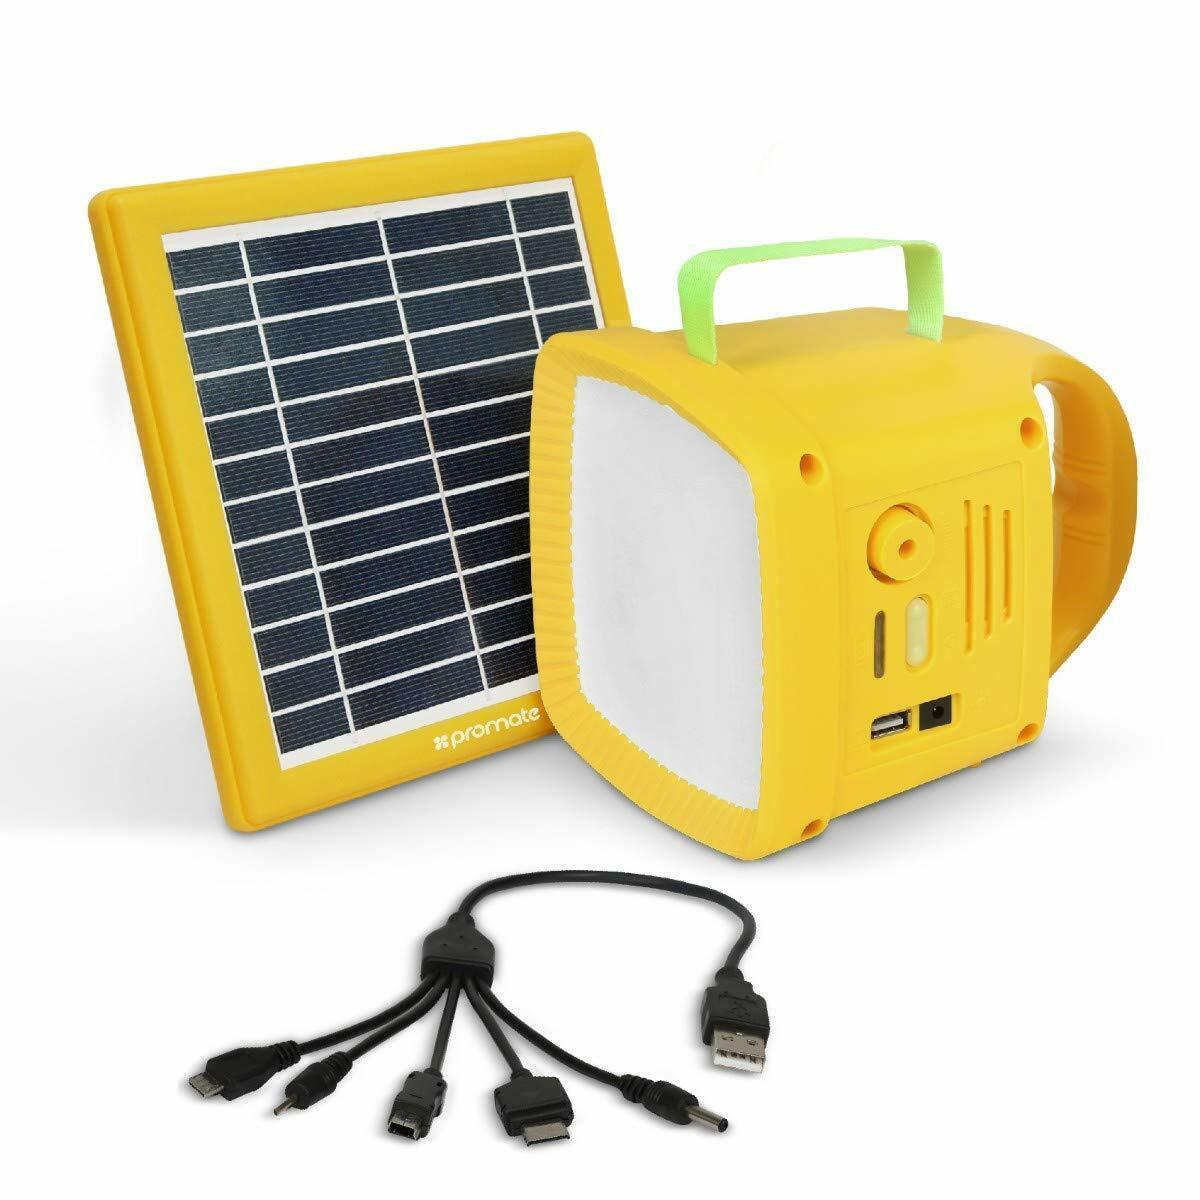 Promate solartorch  1 Luci LED Solare USB Radio tende da campeggio all'aperto luce